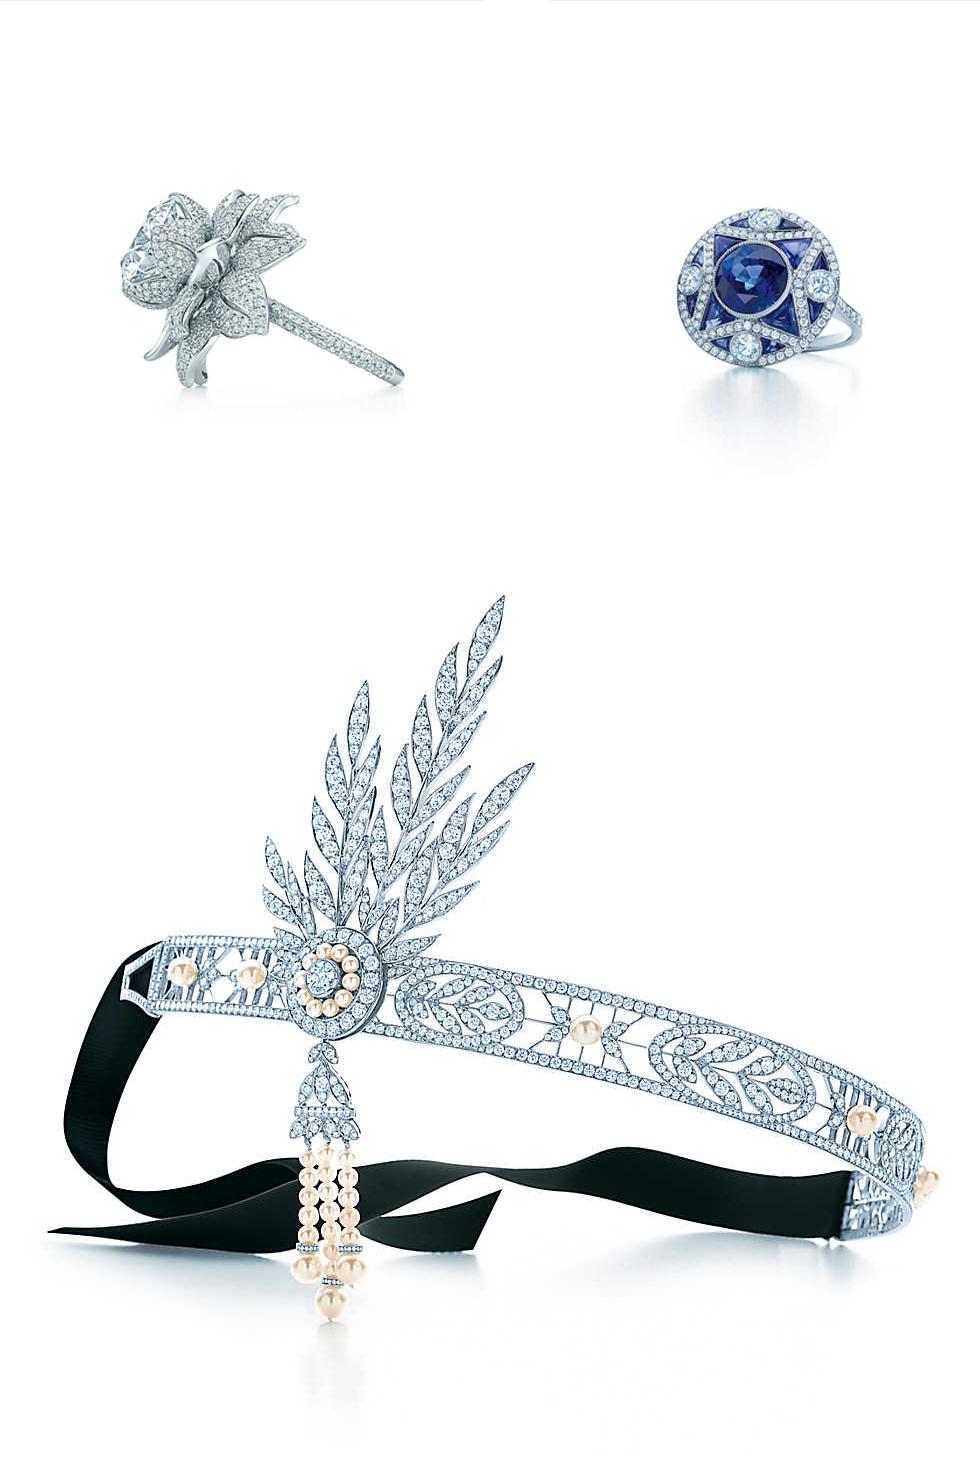 """Recreaciones de Tiffany & Co. Para """"The Great Gatsby"""". Anillos: Flor de Diamantes (Izq.) y Zafiro (drch.). Abajo: Savoy Headpiece. (www.tiffany.com)."""